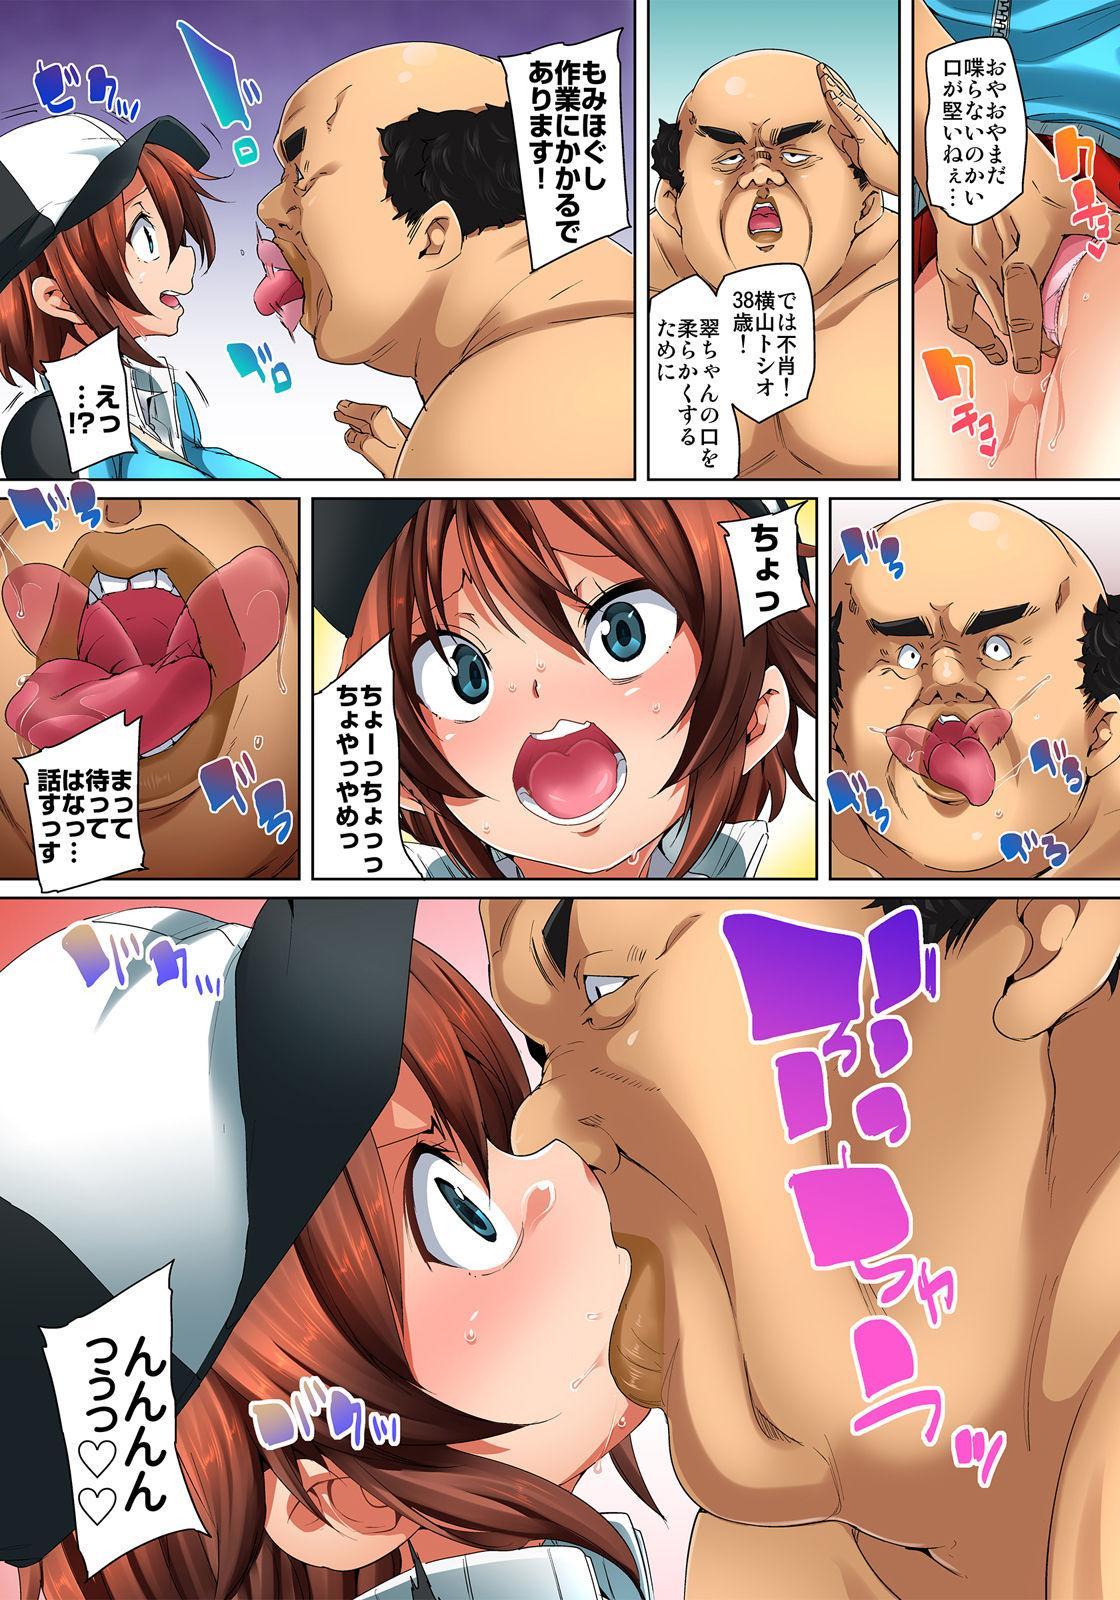 [Marui Maru] Hattara Yarechau!? Ero Seal ~Wagamama JK no Asoko o Tatta 1-mai de Dorei ni~ 1-15 [Digital] 215